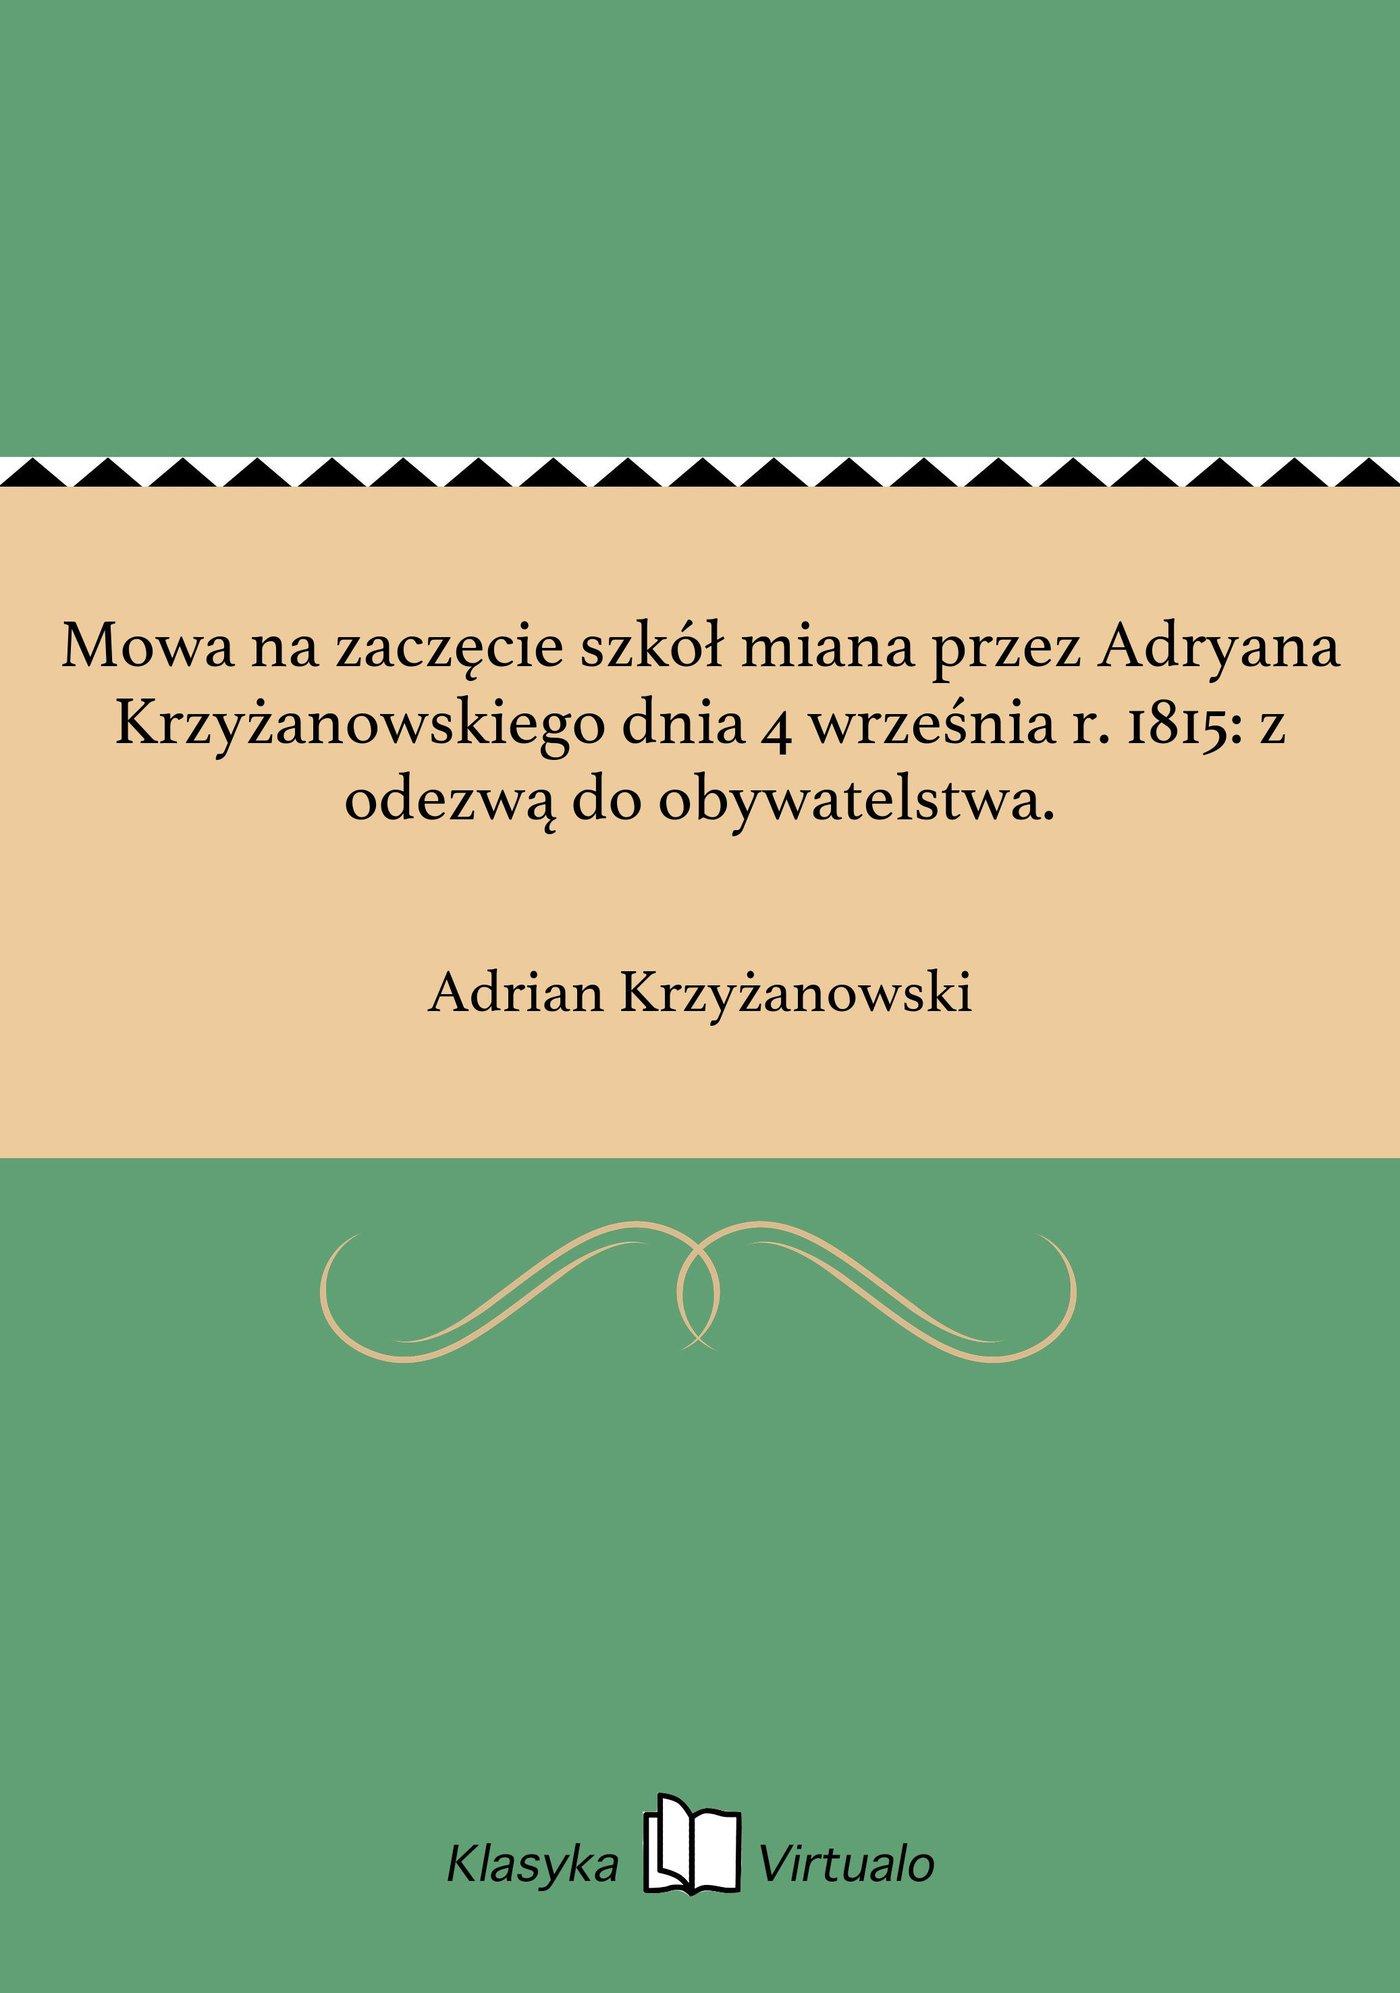 Mowa na zaczęcie szkół miana przez Adryana Krzyżanowskiego dnia 4 września r. 1815: z odezwą do obywatelstwa. - Ebook (Książka EPUB) do pobrania w formacie EPUB